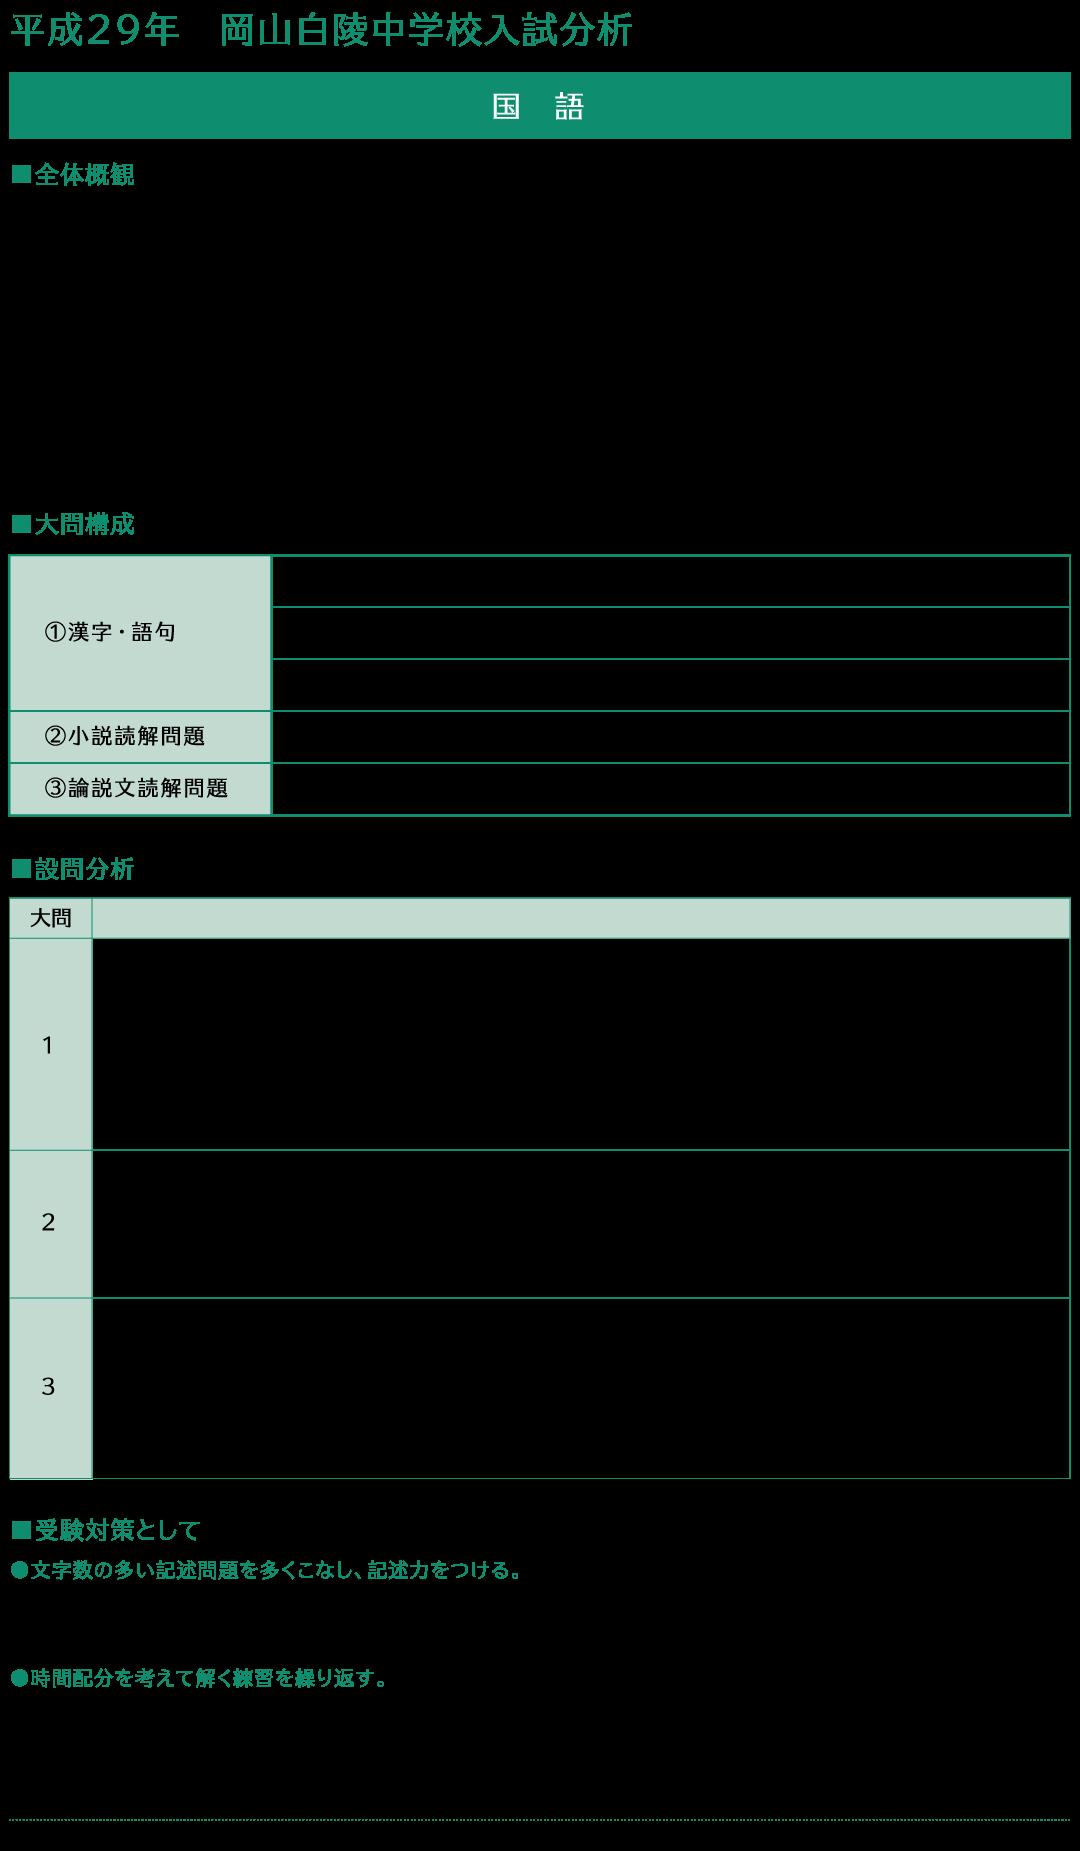 平成29年岡山白陵中学校入試分析国語